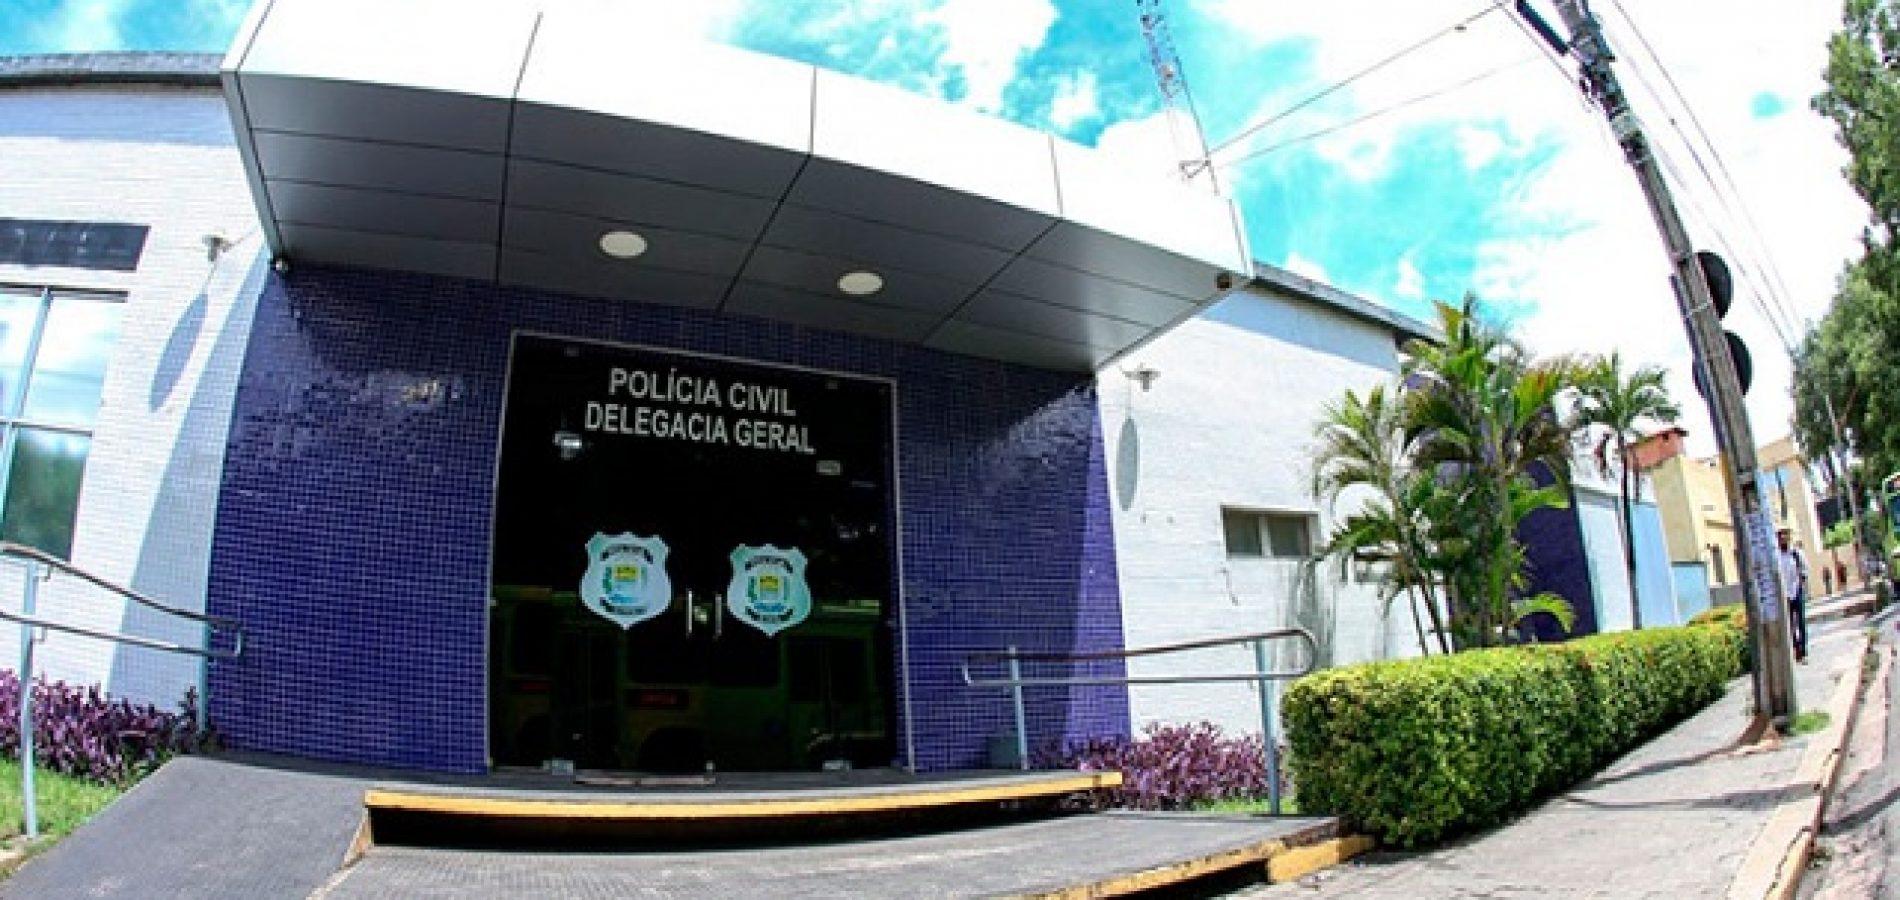 Operação cumpre mais de 20 mandados judiciais em Teresina e no interior do Piauí